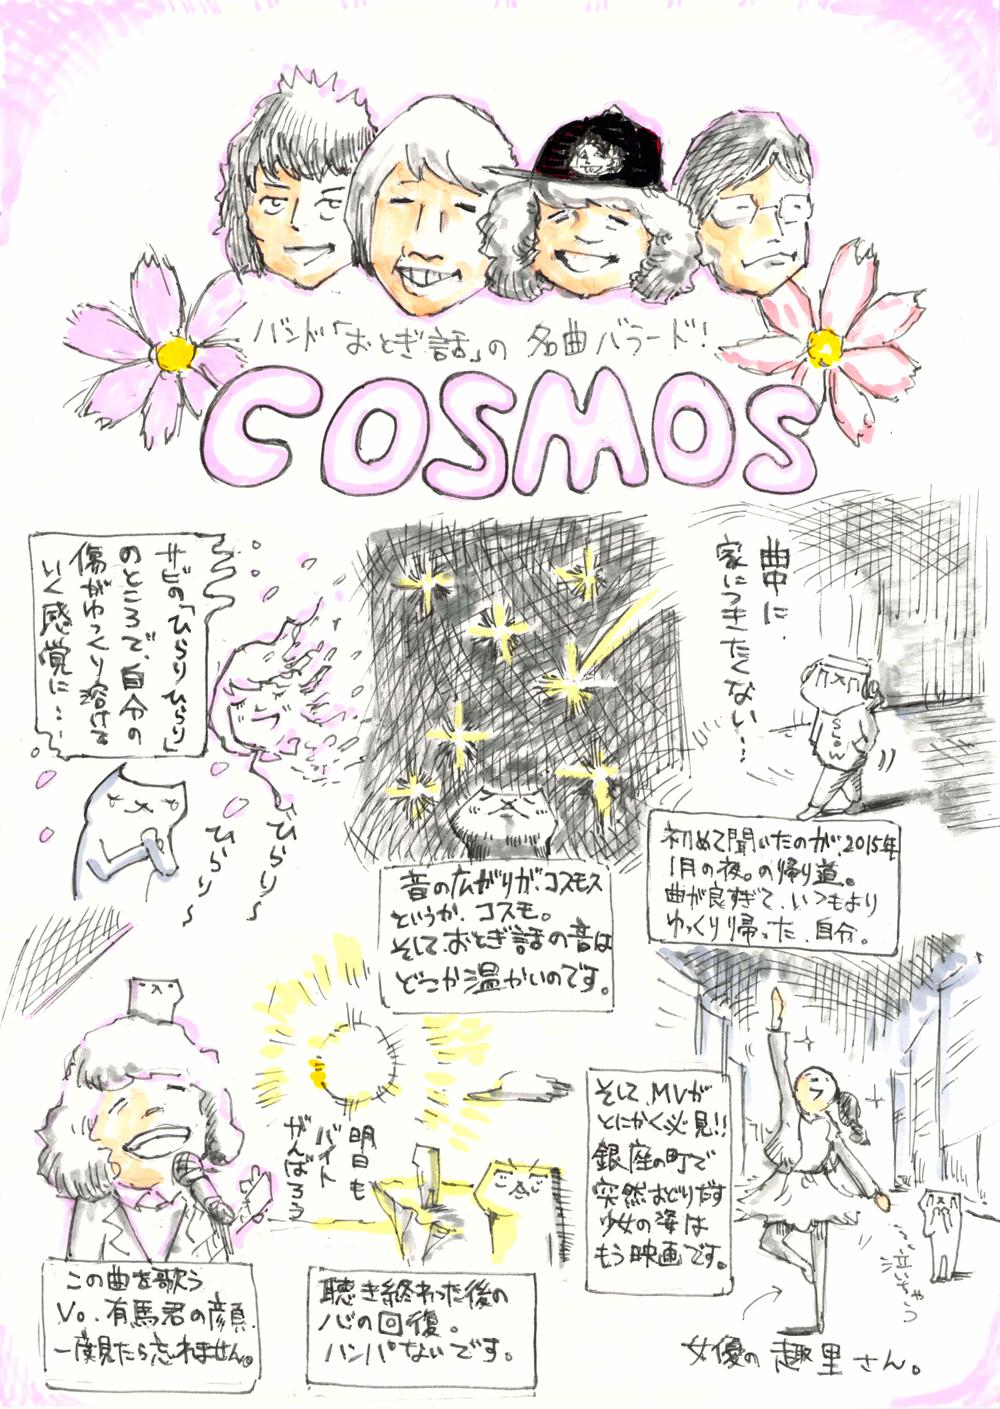 ashizawa-004